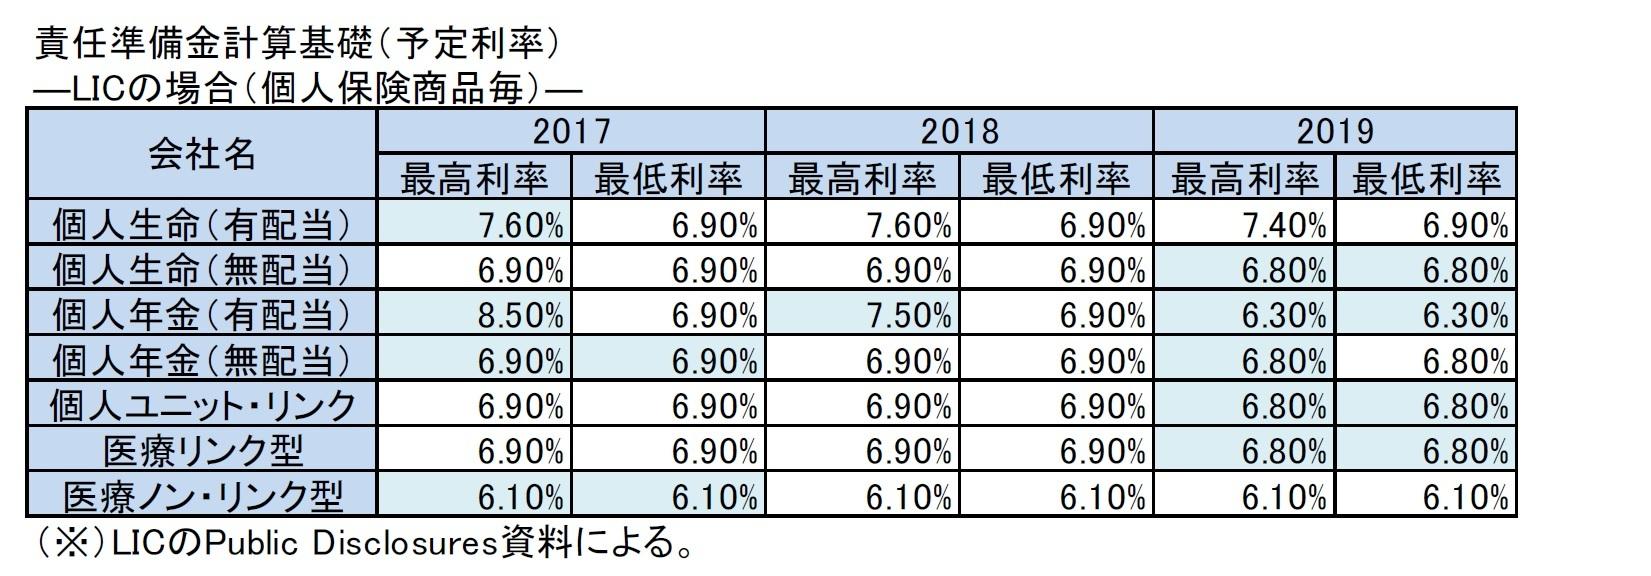 責任準備金計算基礎(予定利率)―LICの場合(個人保険商品毎)―